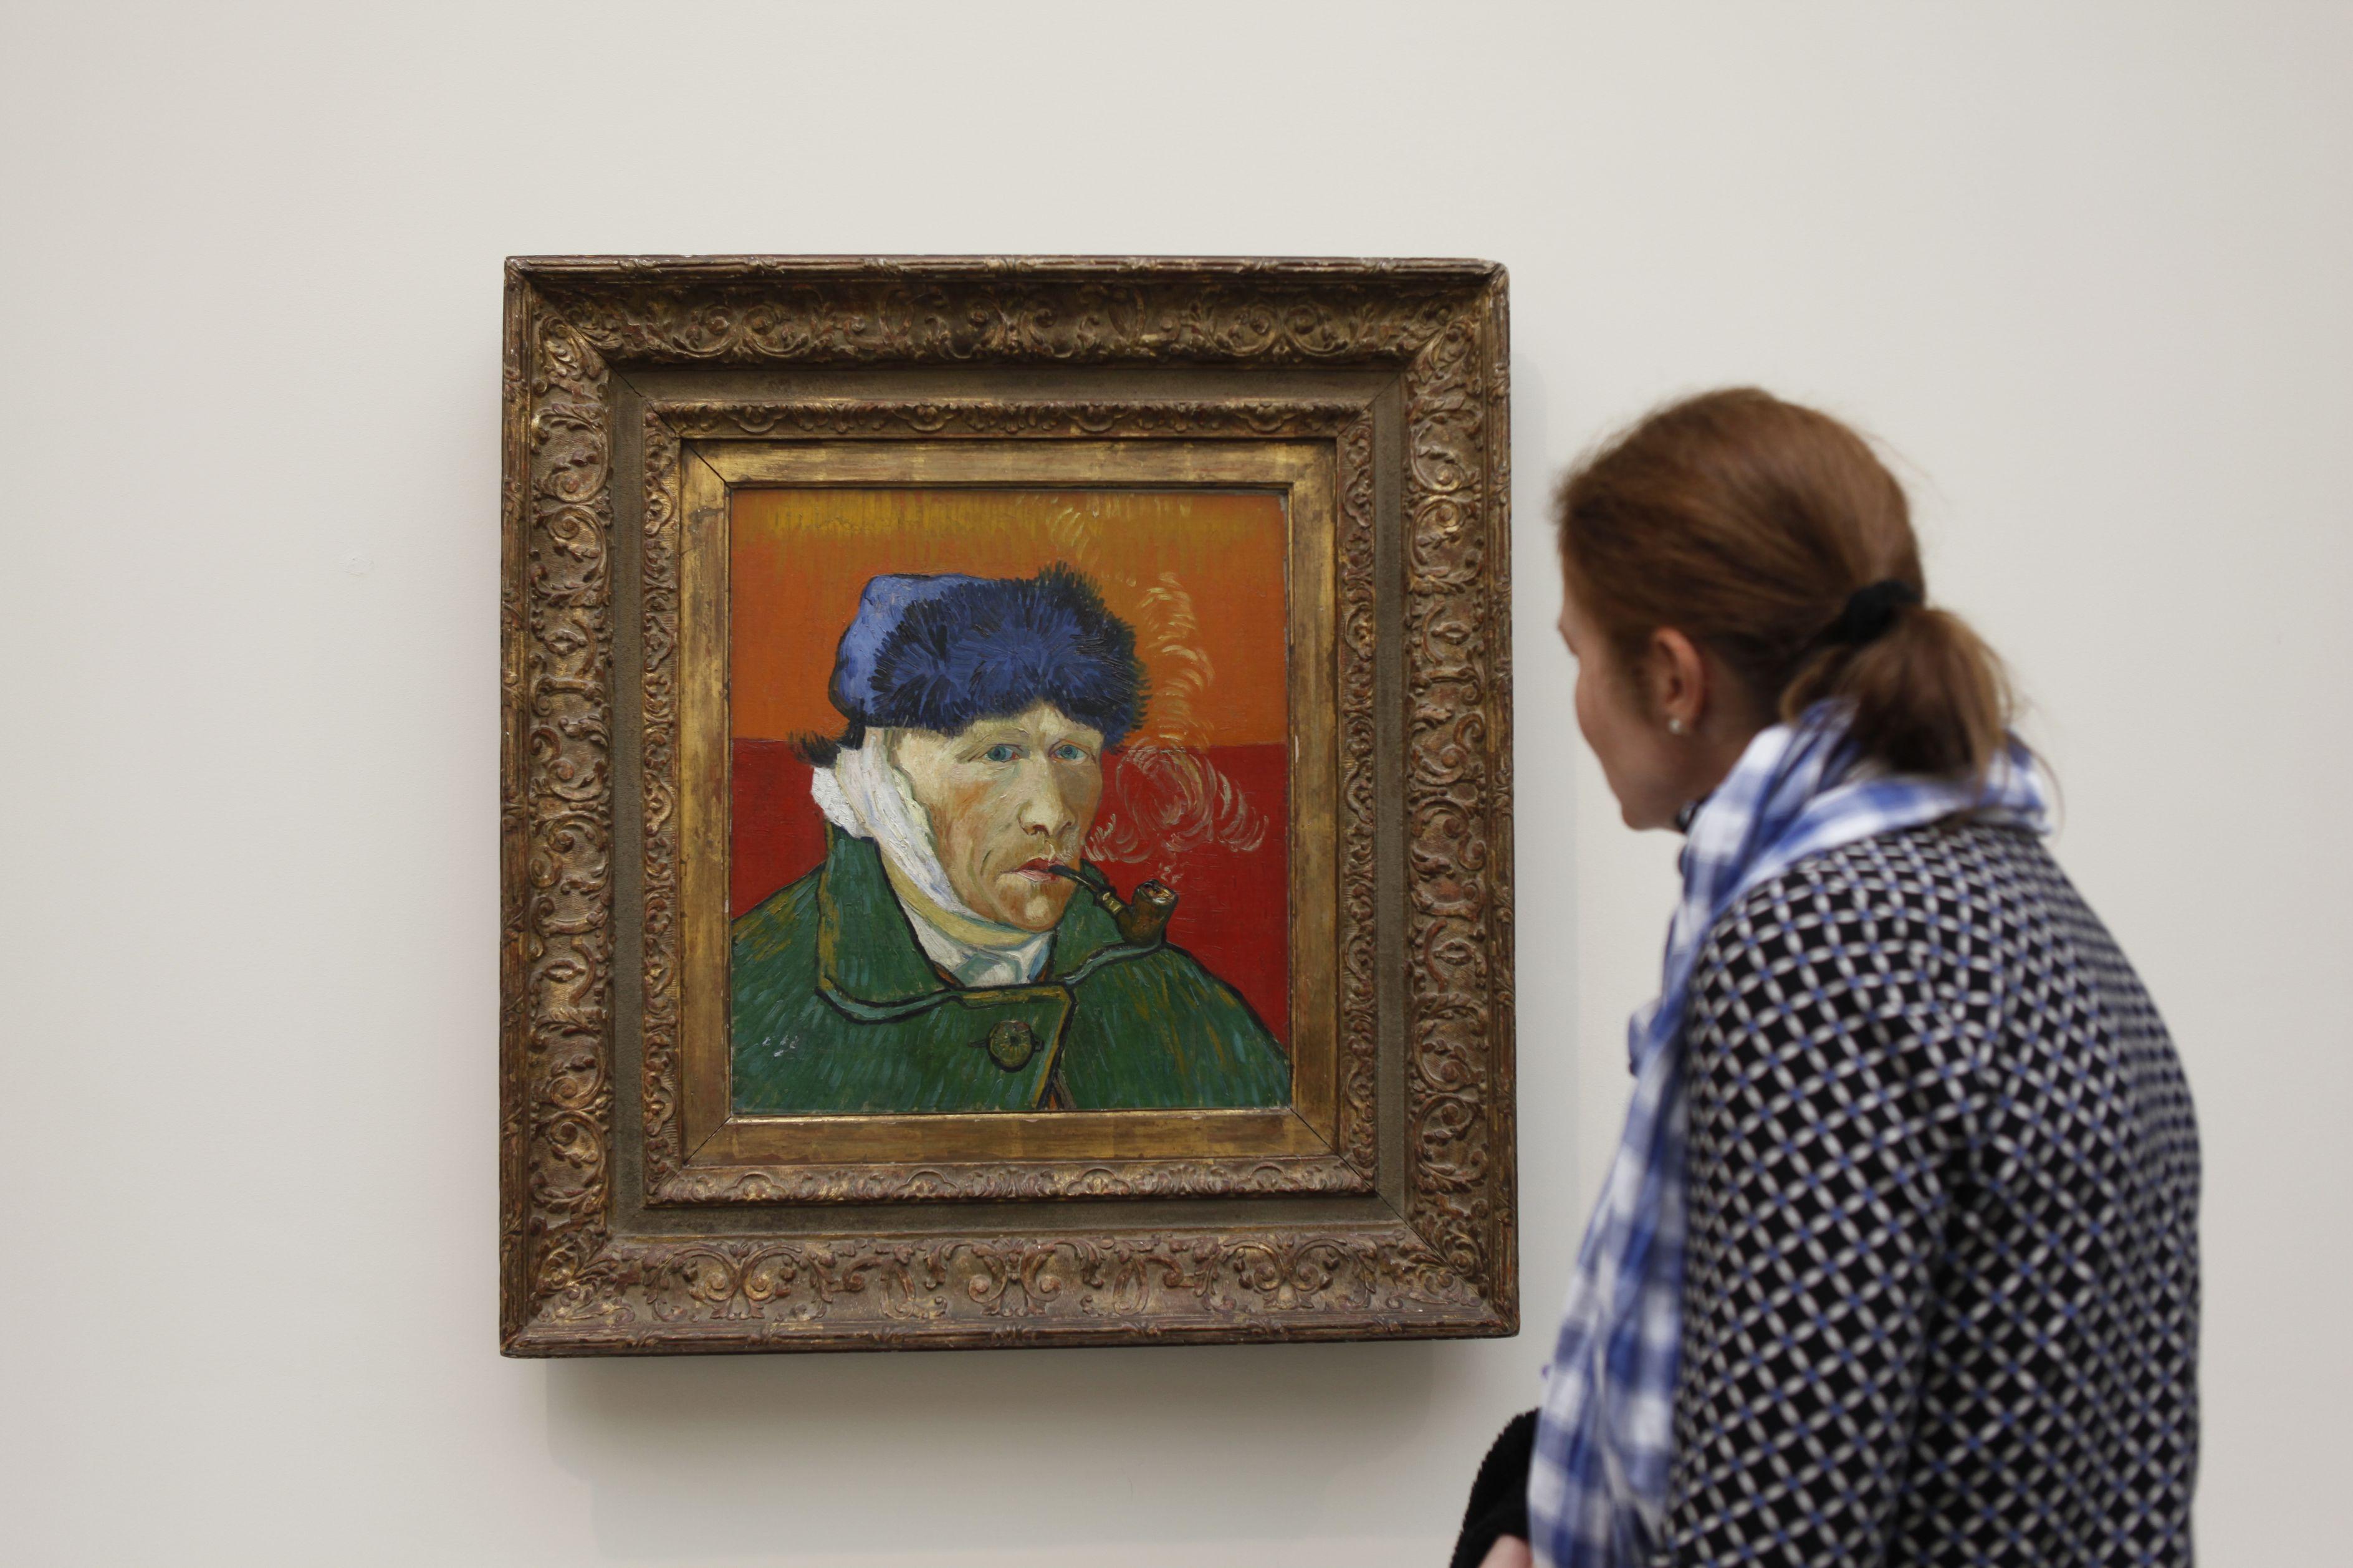 Van Gogh műveként azonosítottak egy eddig hamisnak tartott festményt